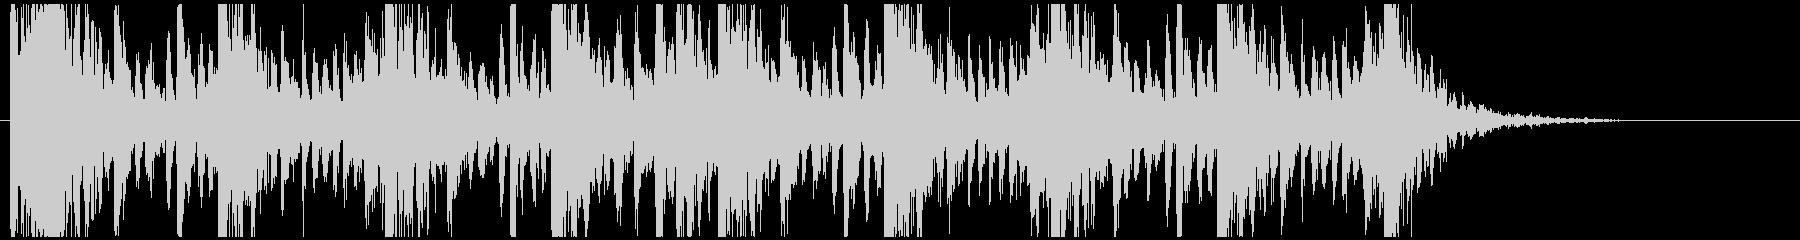 和太鼓のリズム2 残響なしの未再生の波形